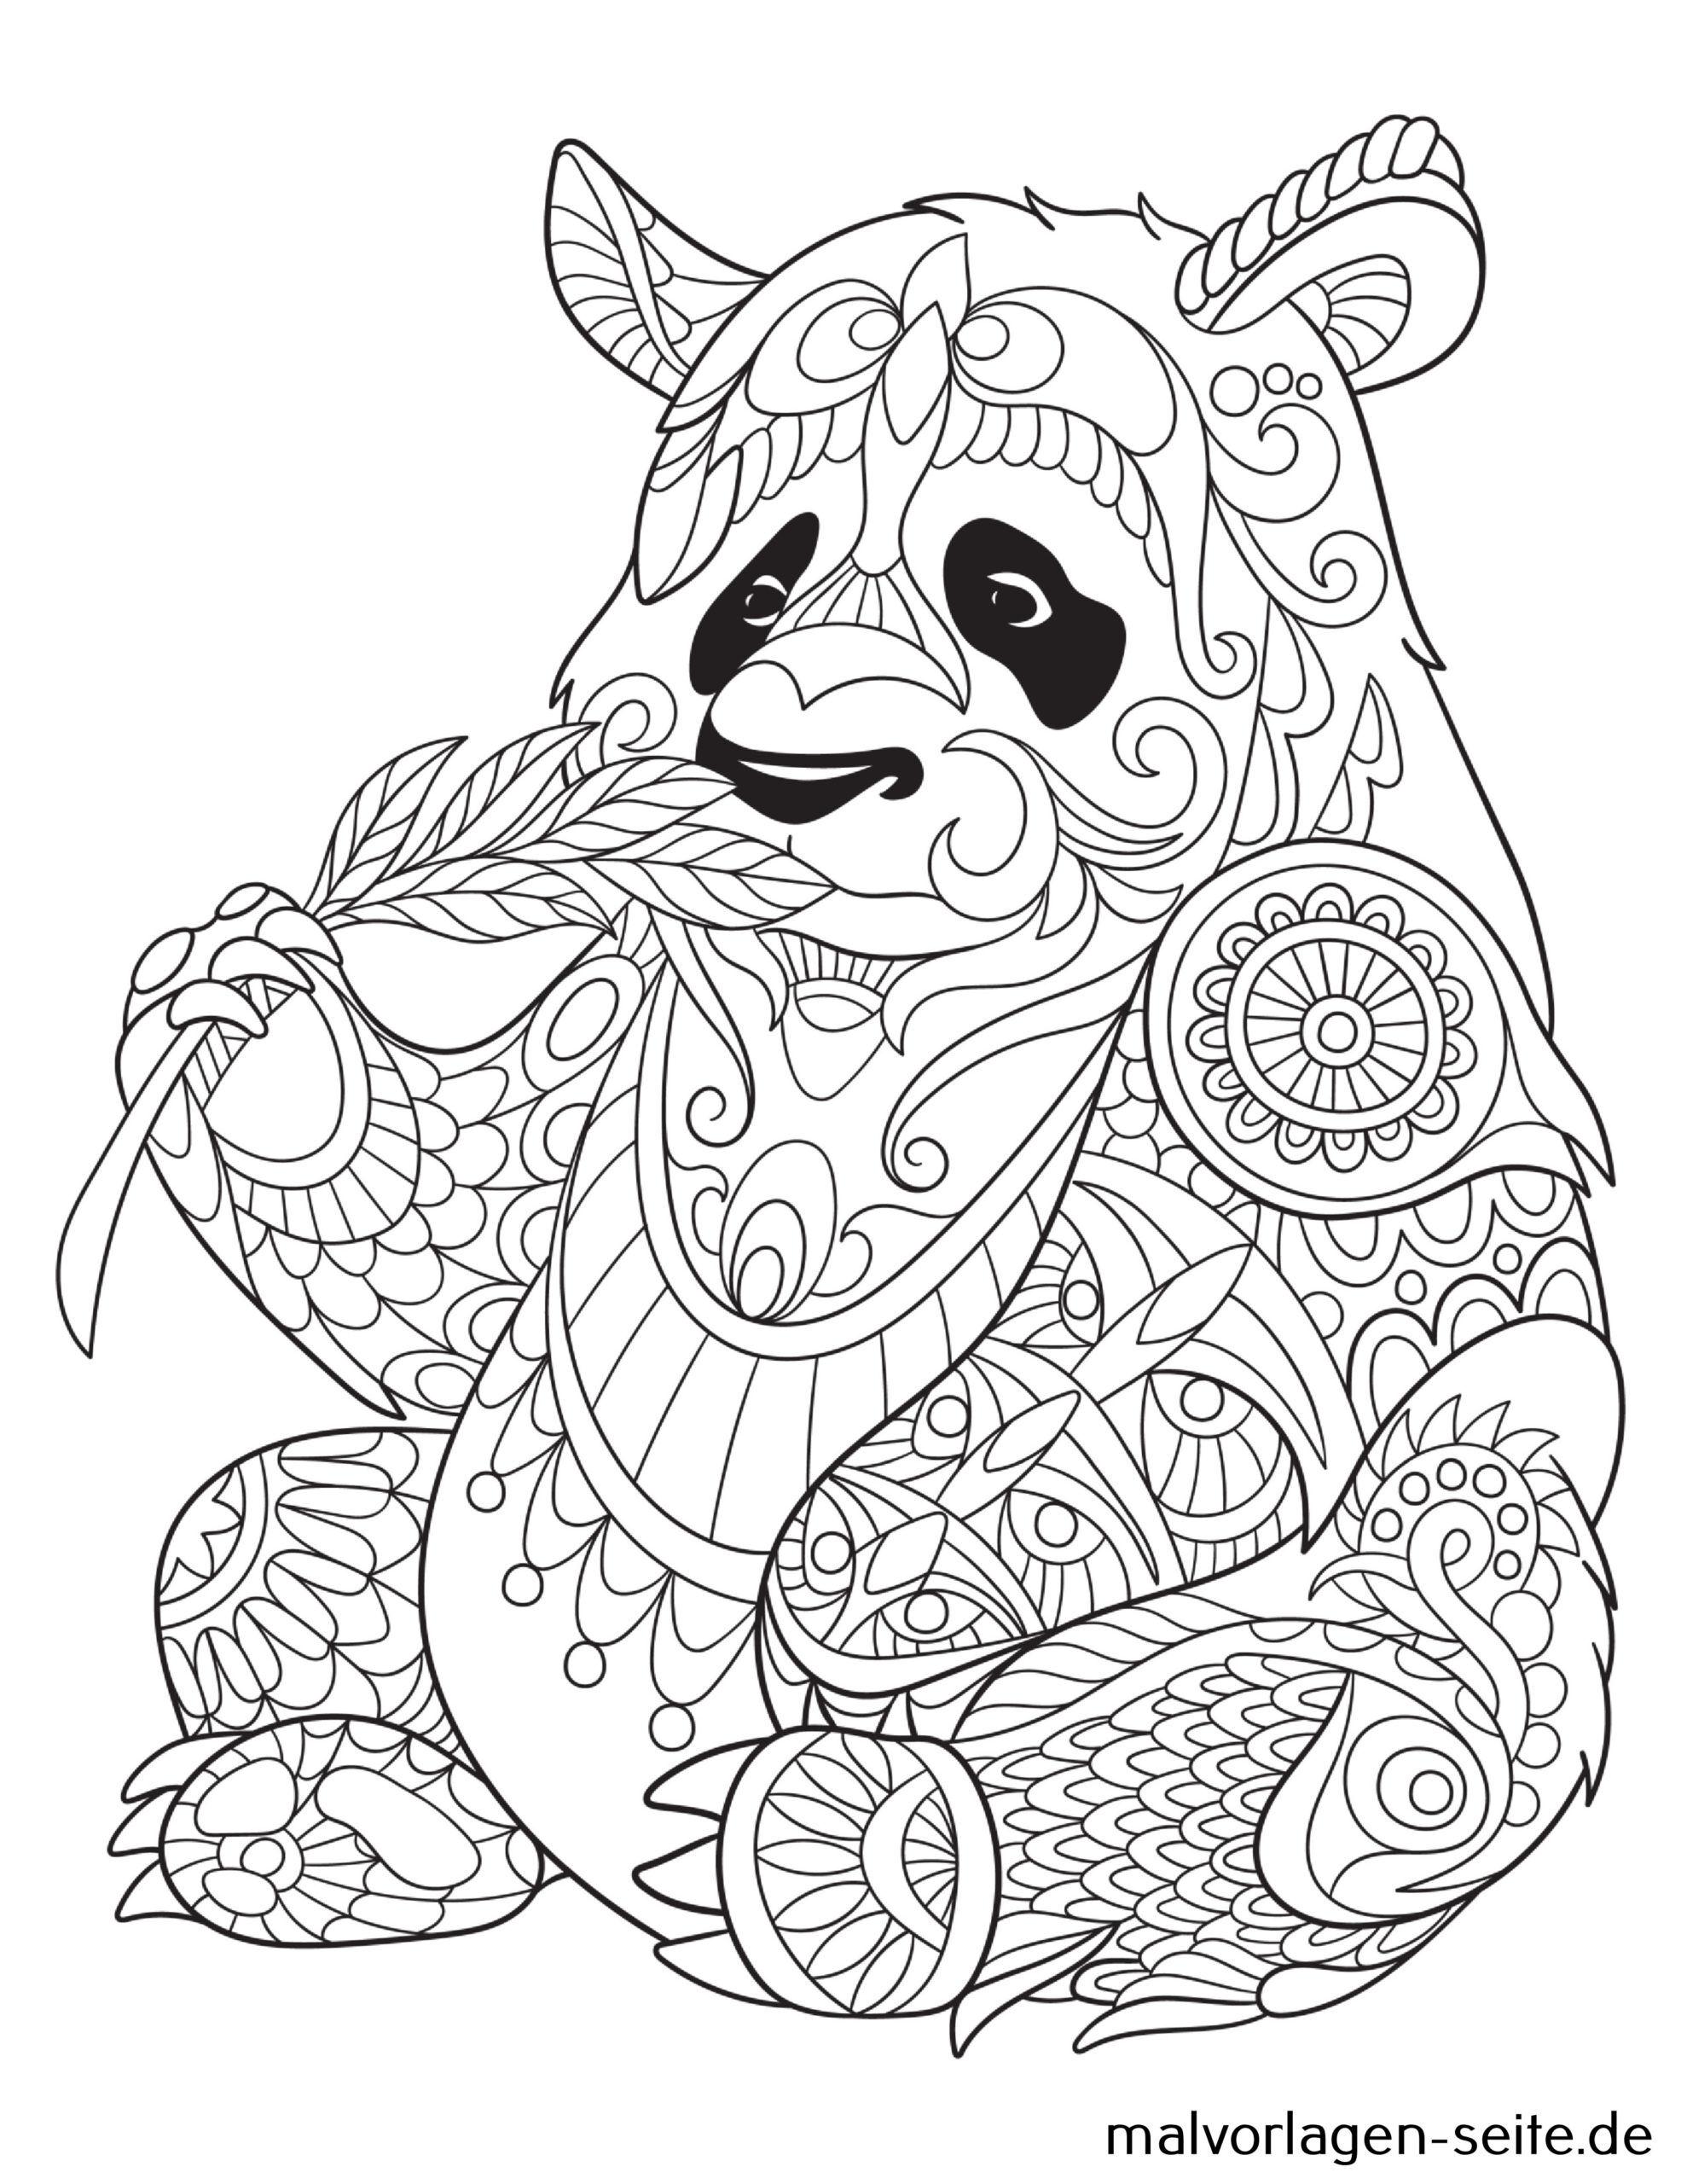 Tolle Mandala Für Erwachsene - Panda - Kostenlose Ausmalbilder